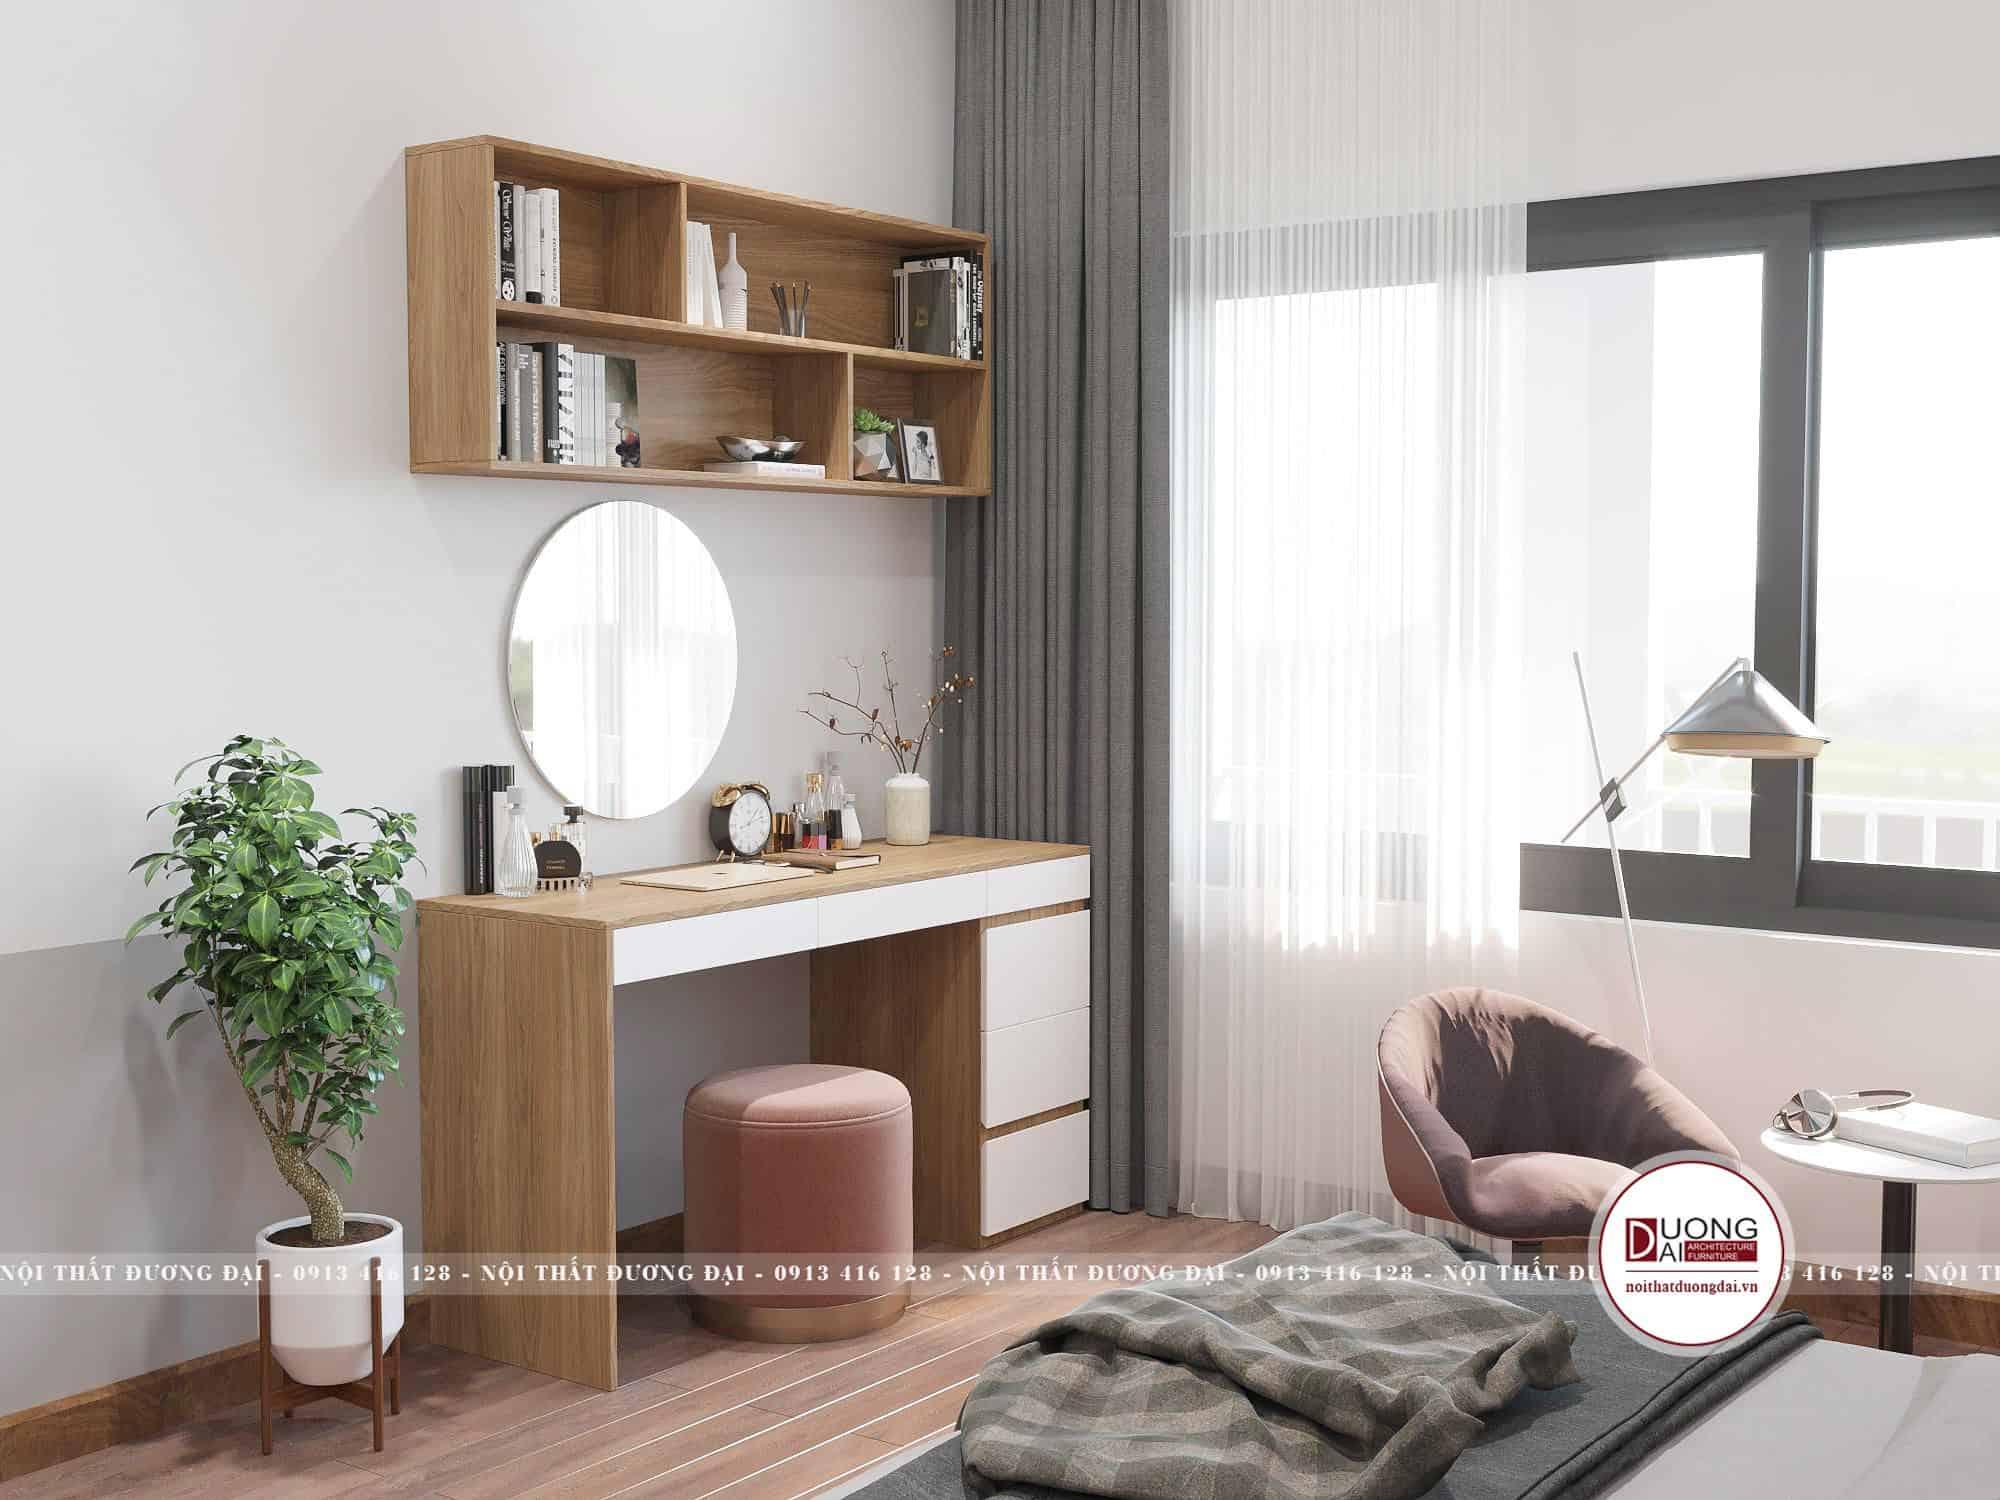 Thiết kế bàn phấn và giá sách nhỏ trong phòng ngủ